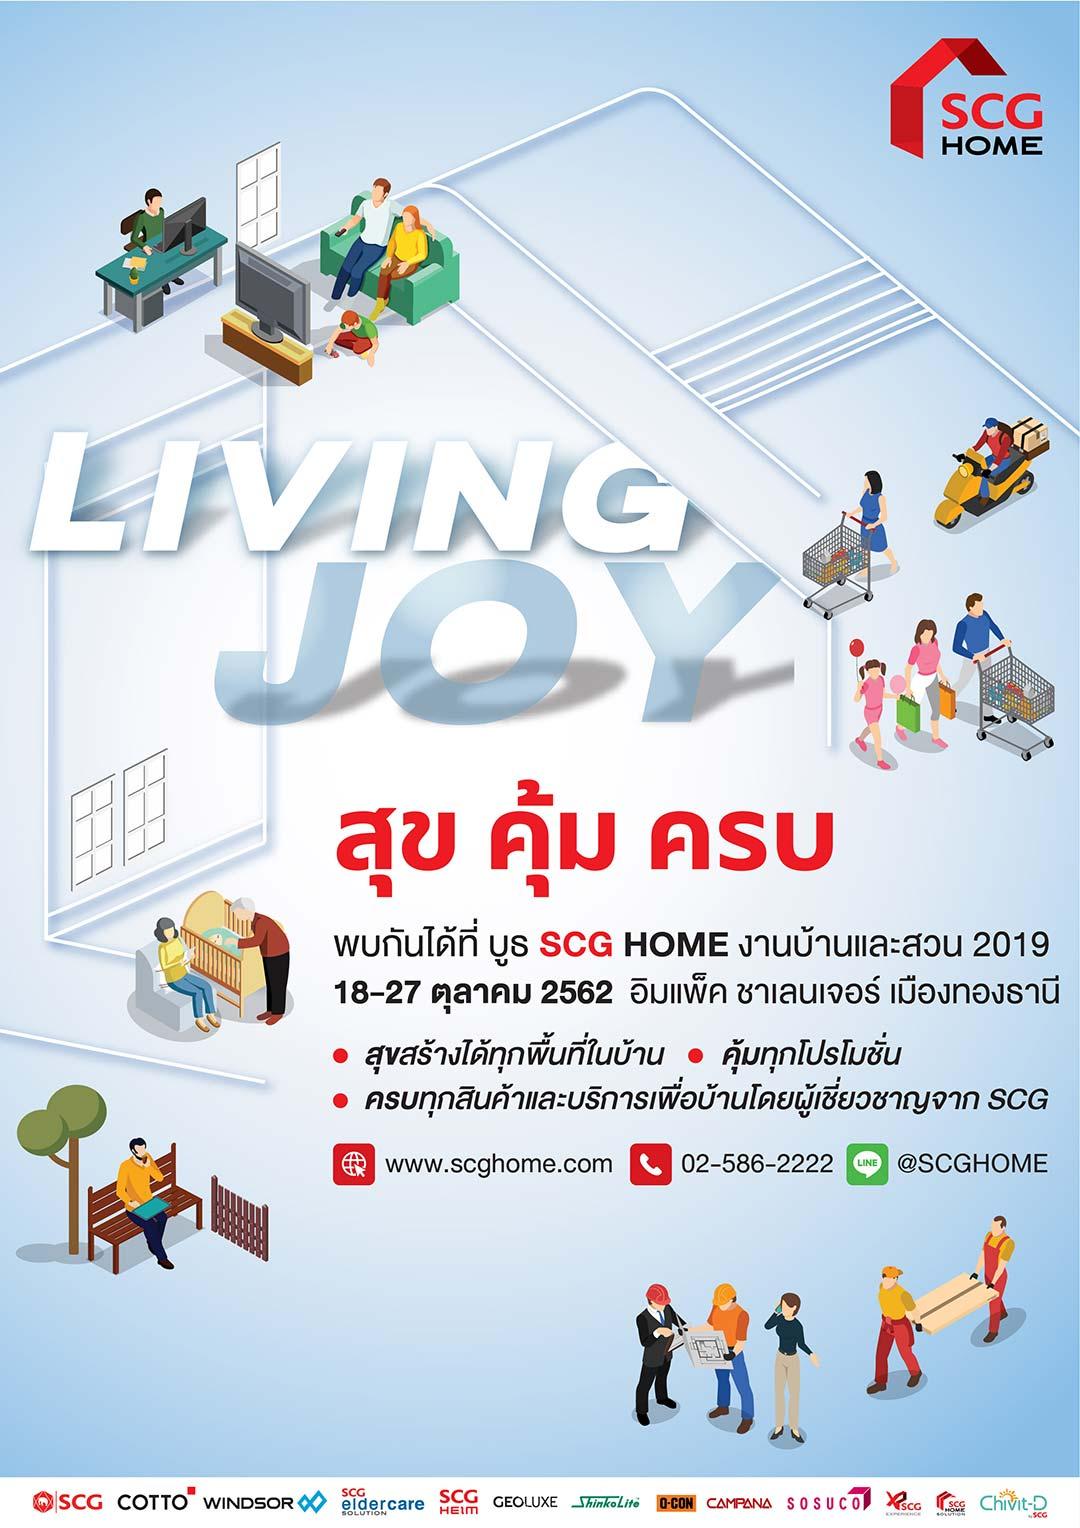 บ้านและสวน'62 ระหว่างวันที่ 18 - 27 ตุลาคม 2562